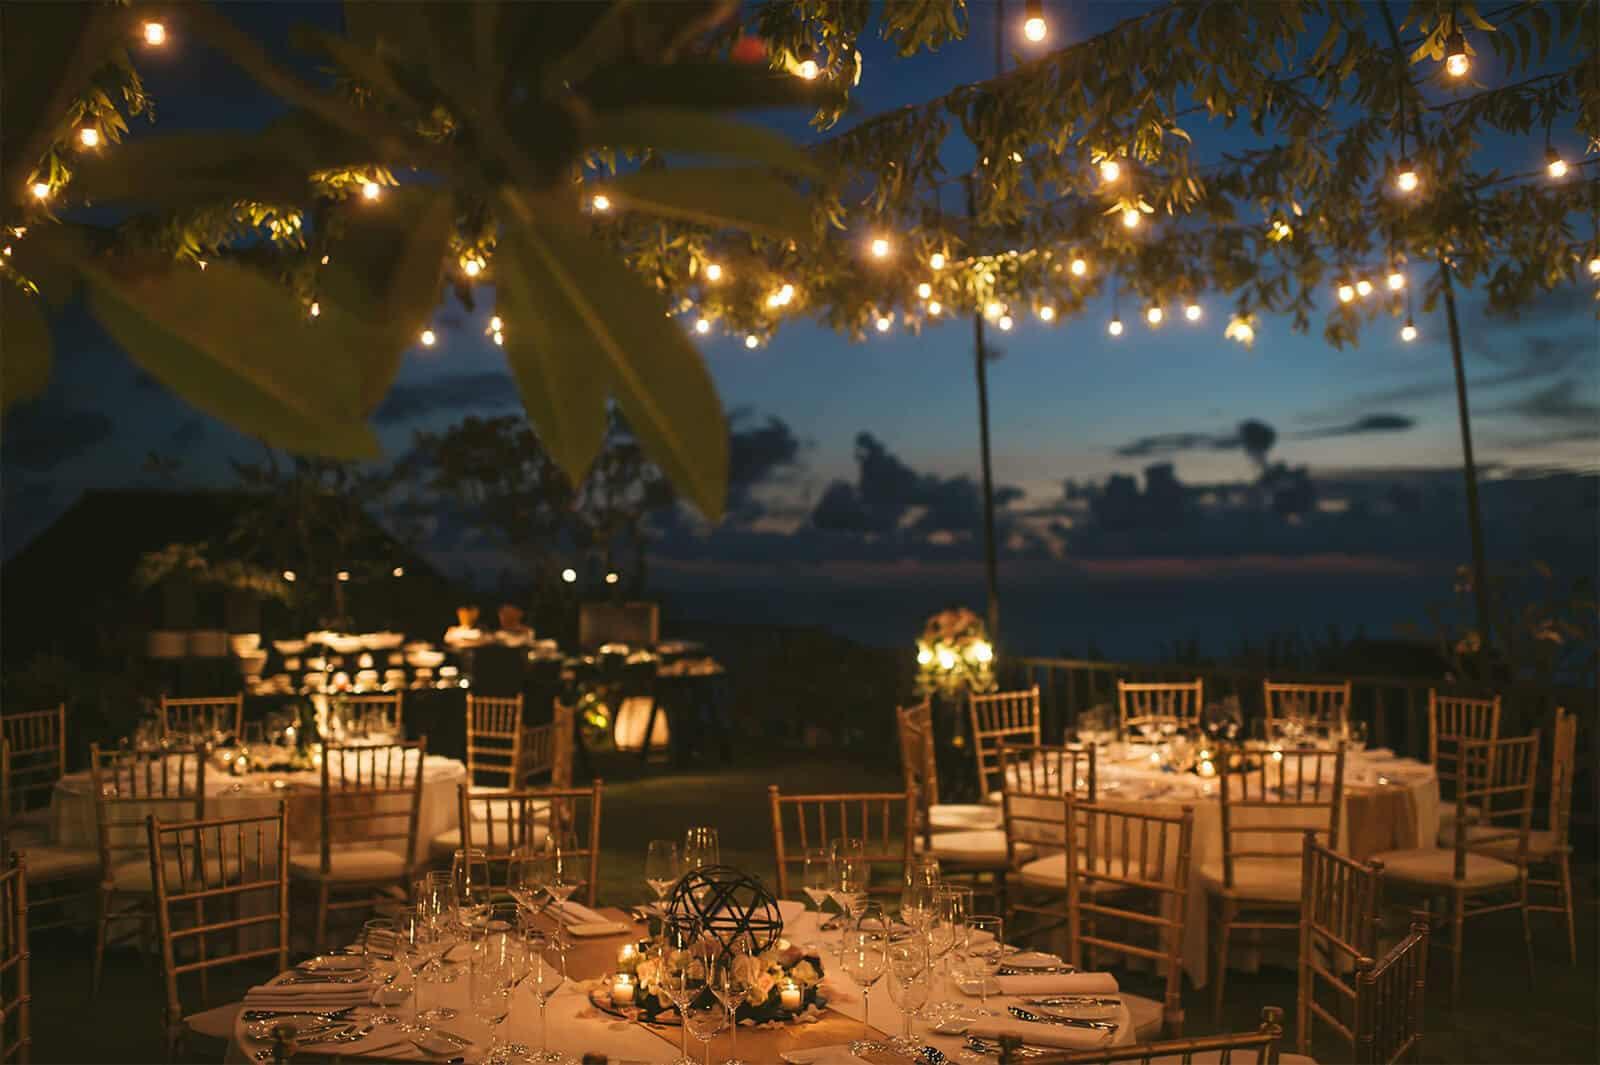 海外婚禮, 峇里島婚禮, 婚顧, 峇里島, 海島婚禮